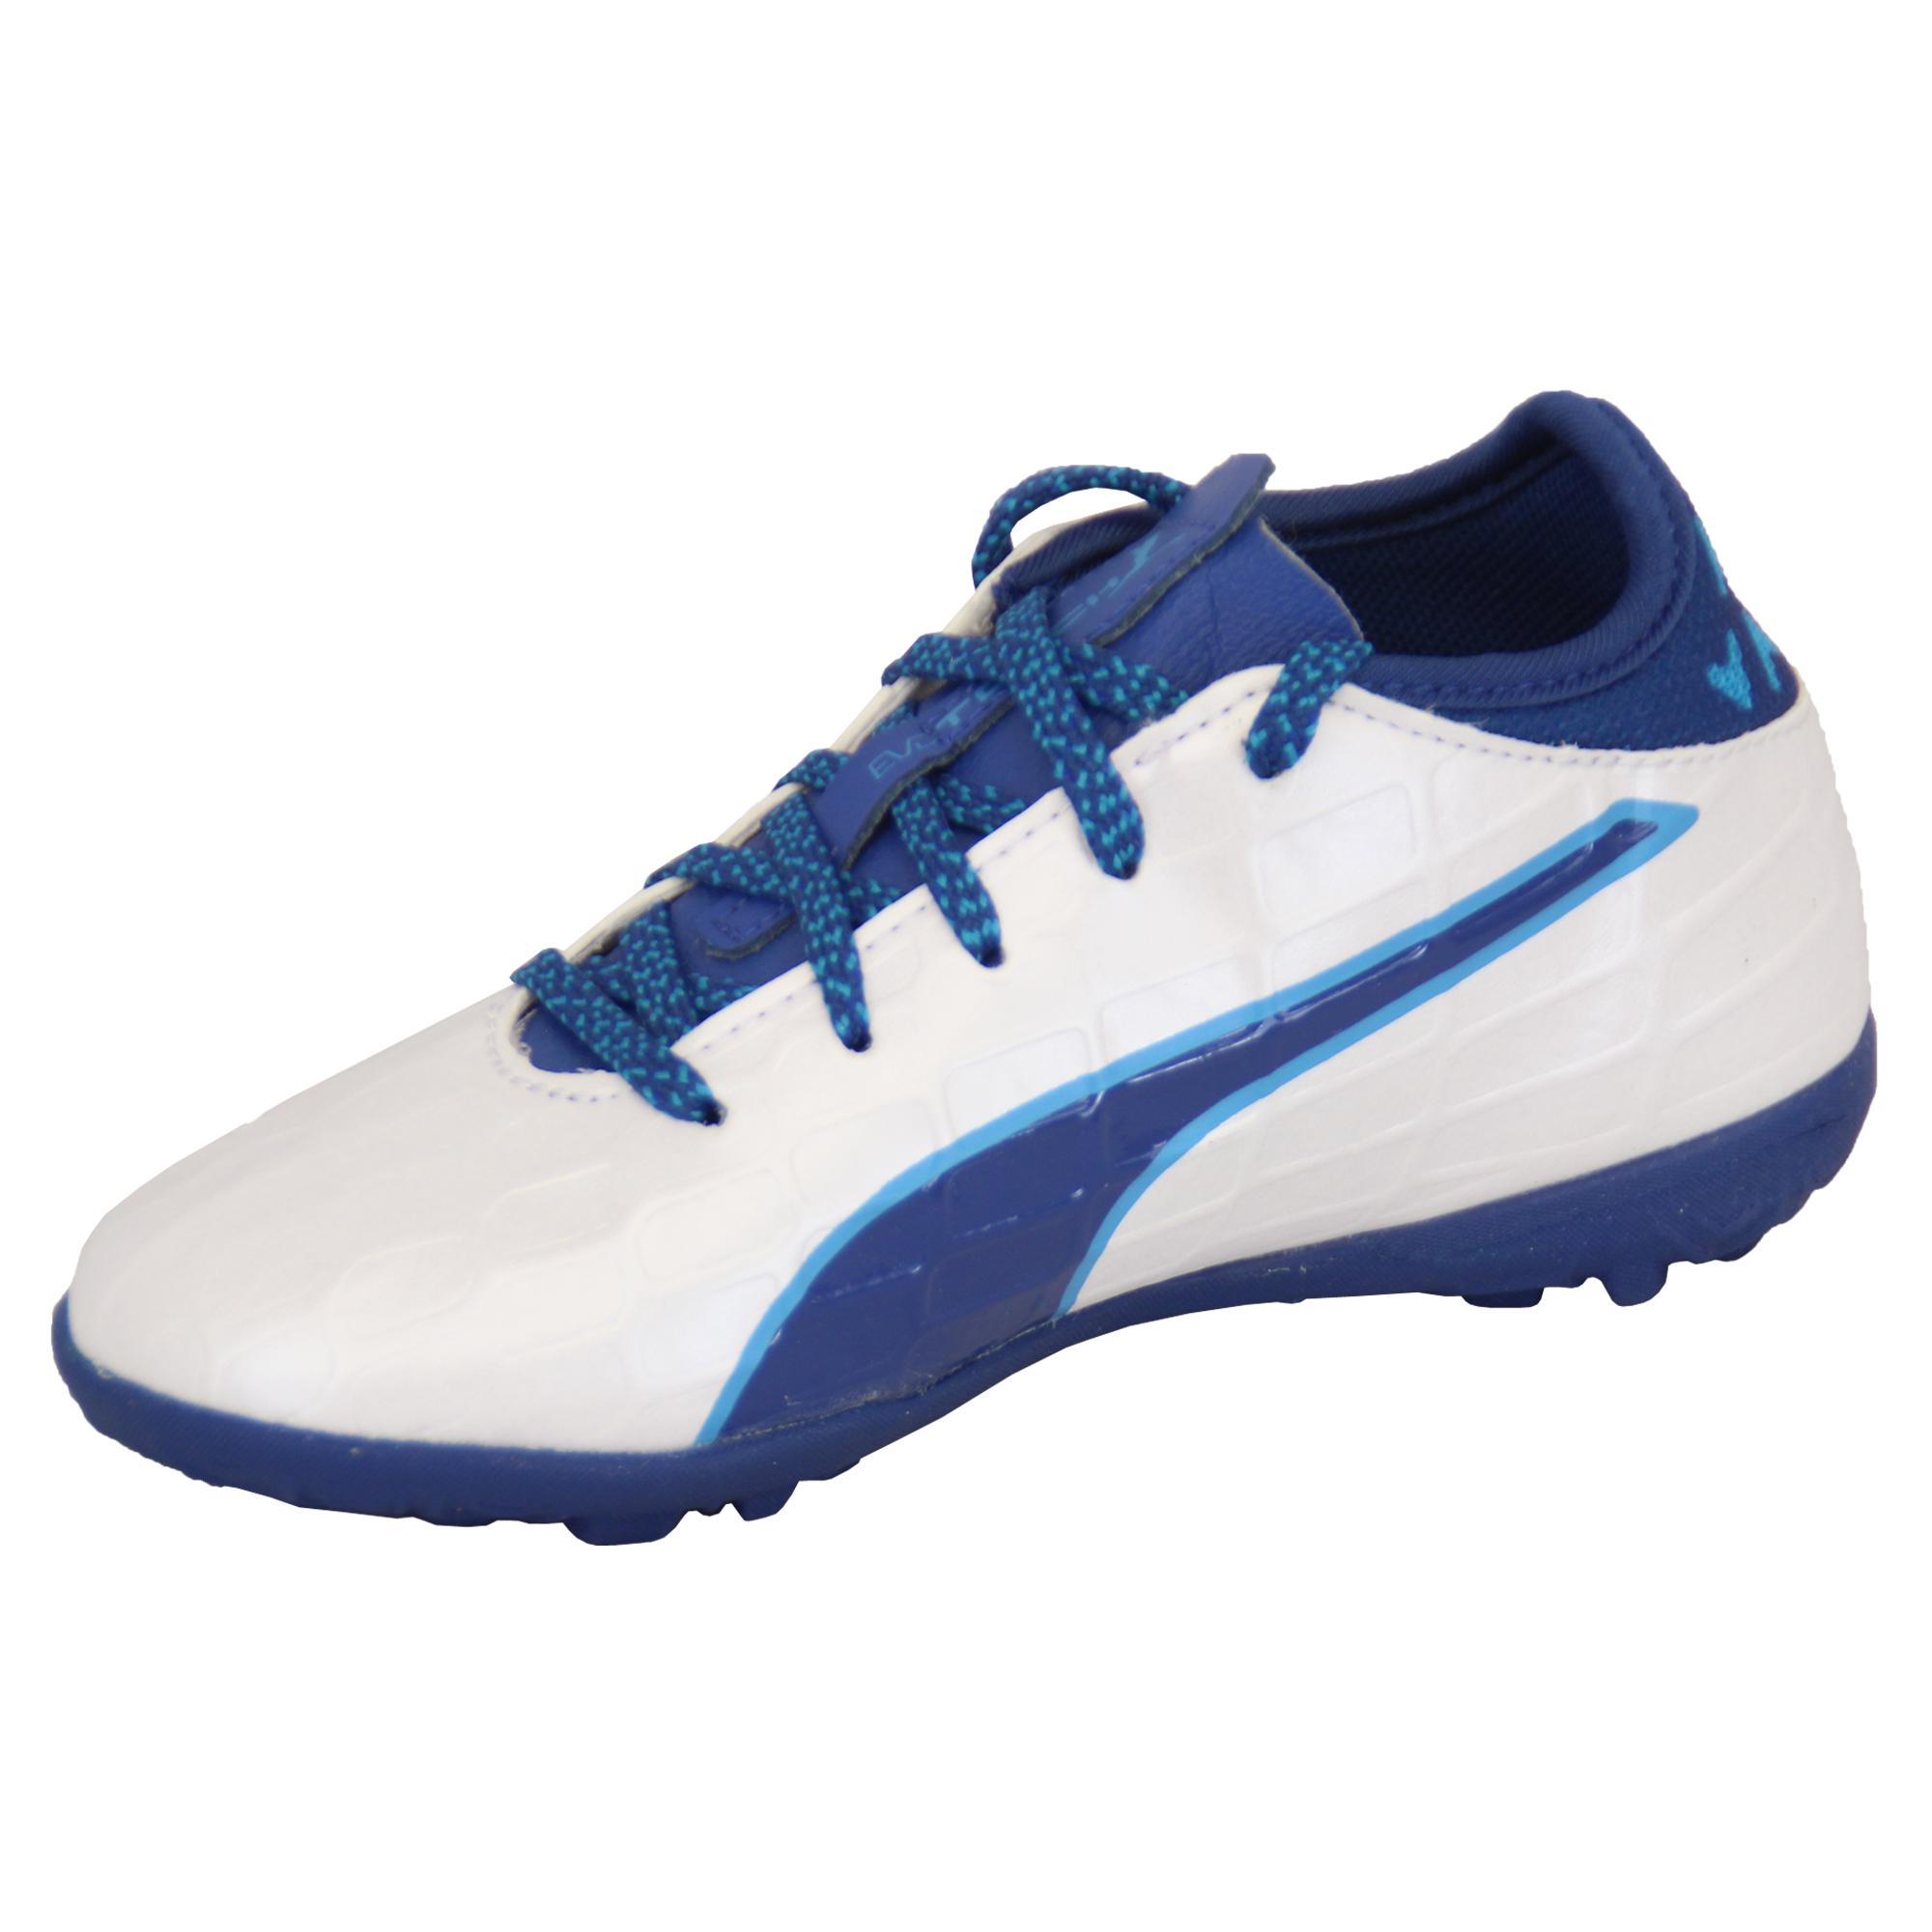 Ragazzi-Calcio-Scarpe-da-ginnastica-Puma-Bambini-Astro-Turf-Evo-Touch-Power-Stivali-Scarpe-Sportive miniatura 7